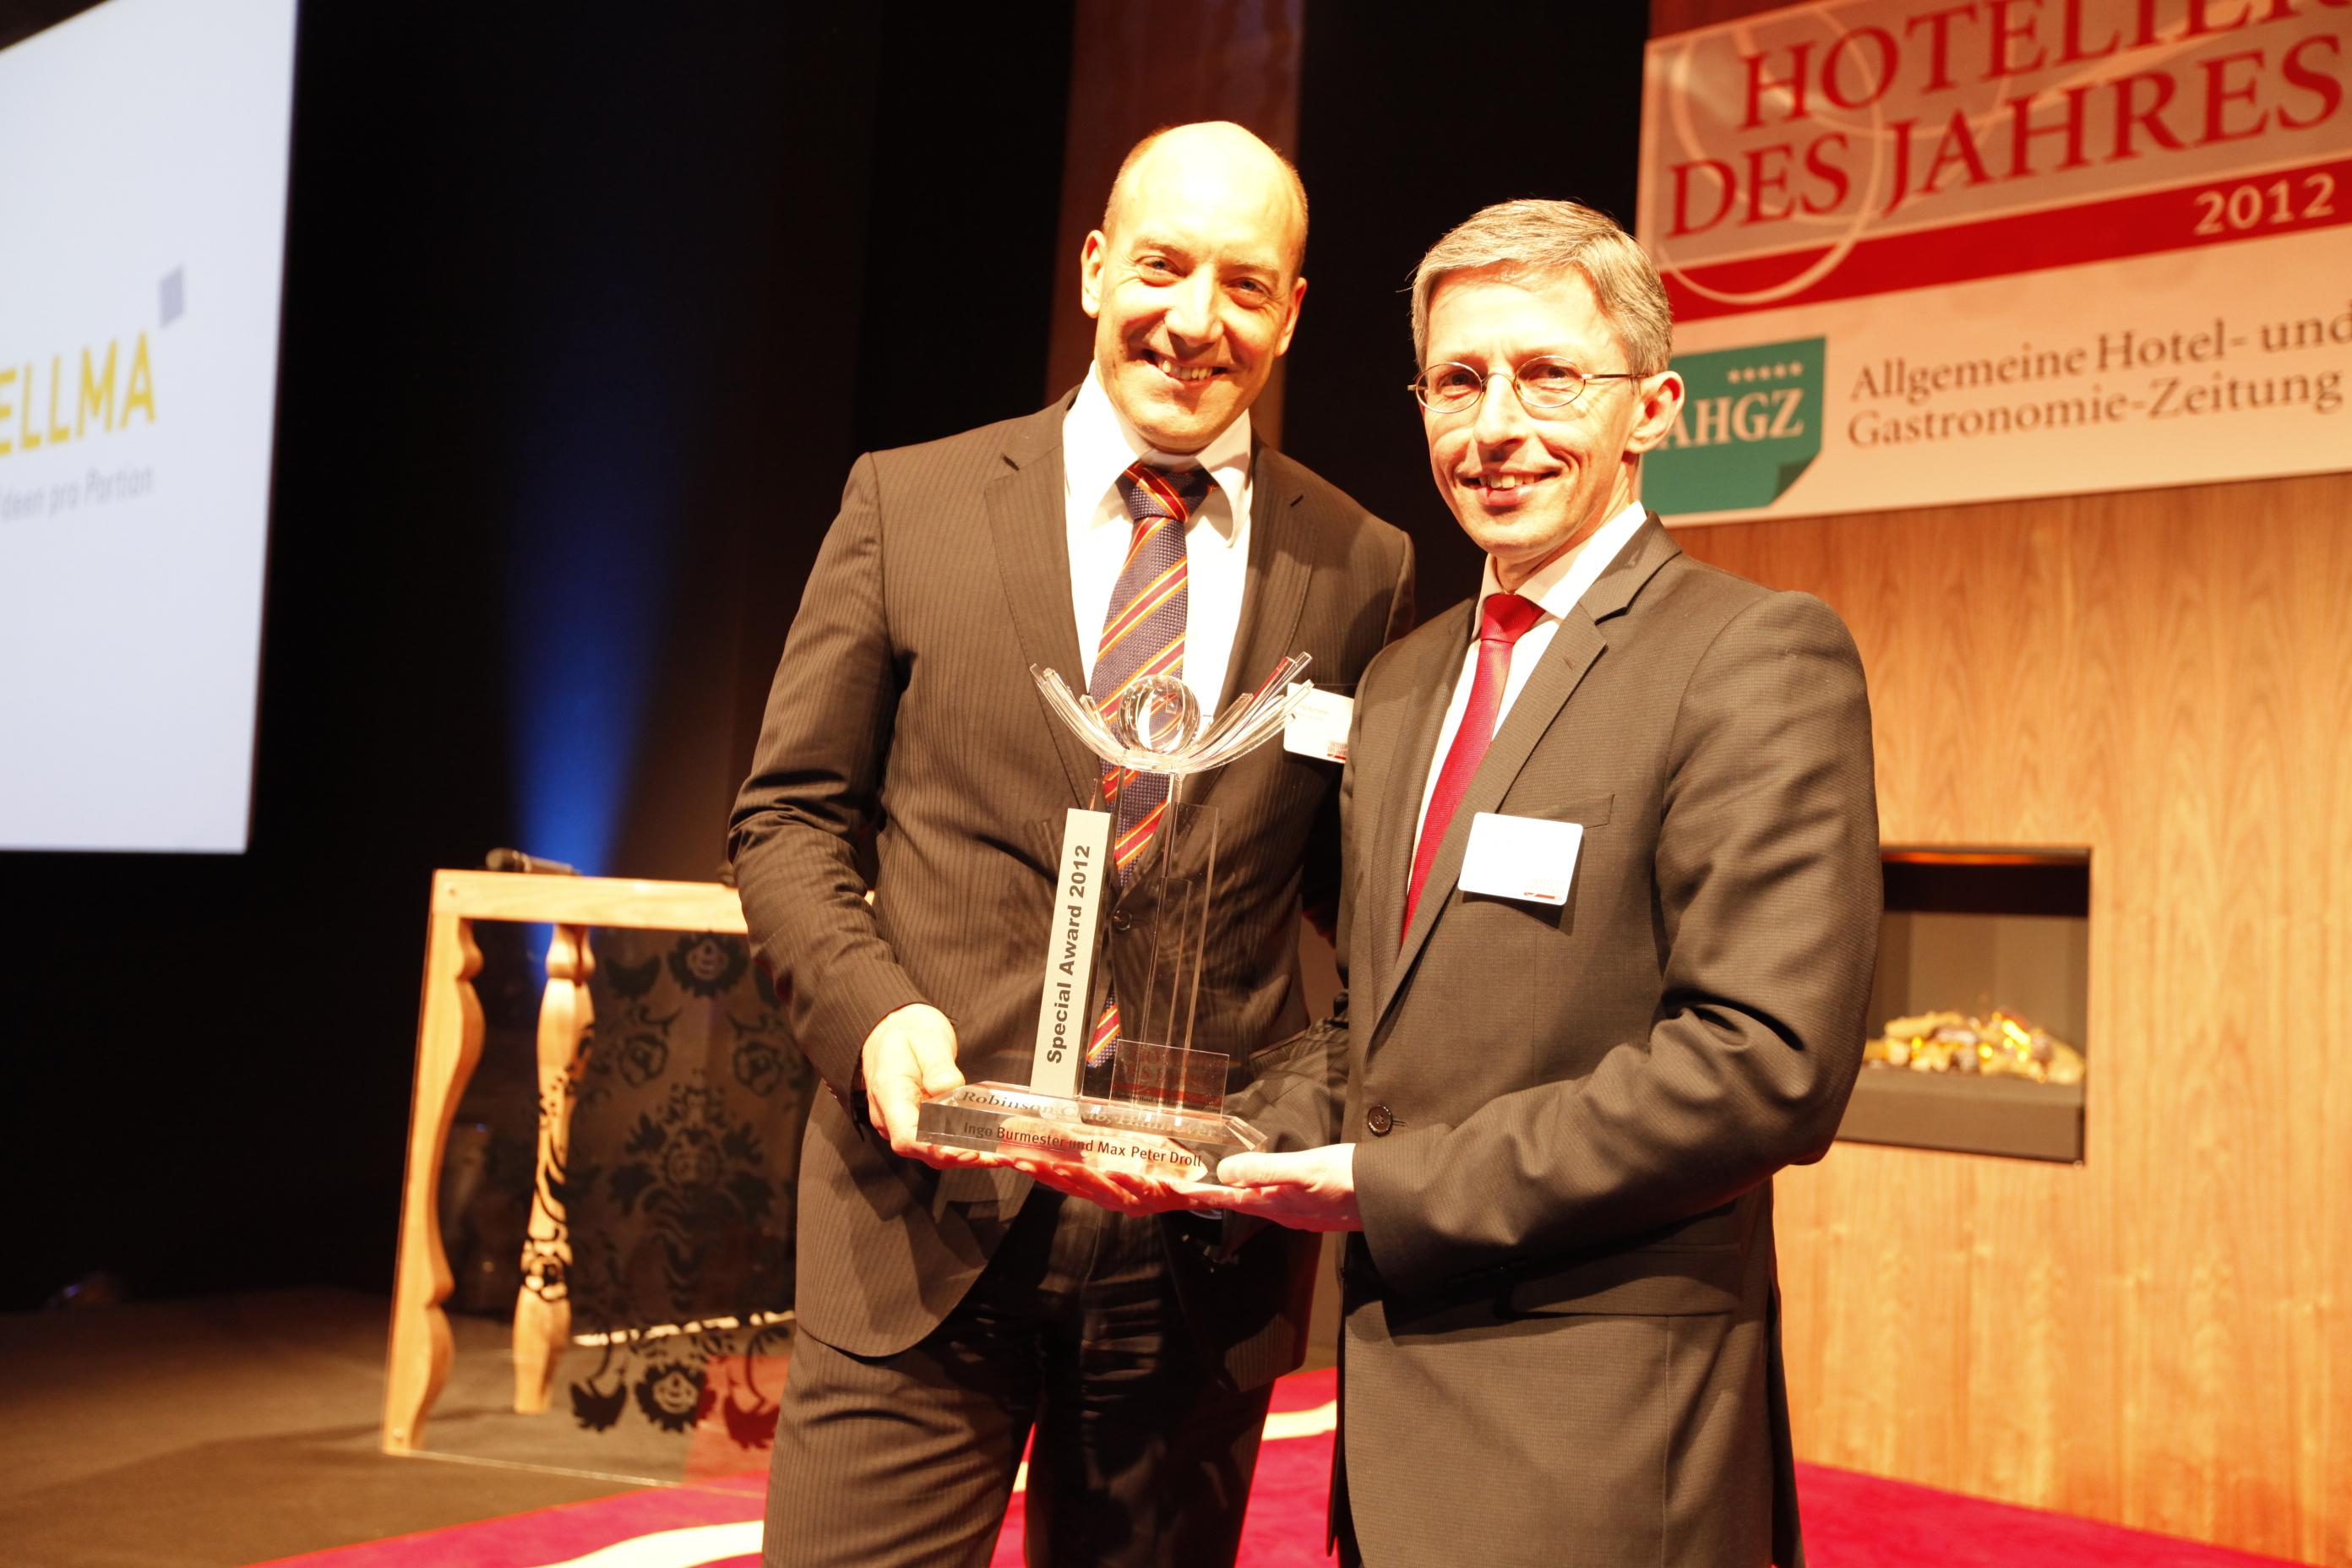 Special Award beim Hotelier des Jahres 2012: Ingo Burmester und Max-Peter Droll von Robinson Club